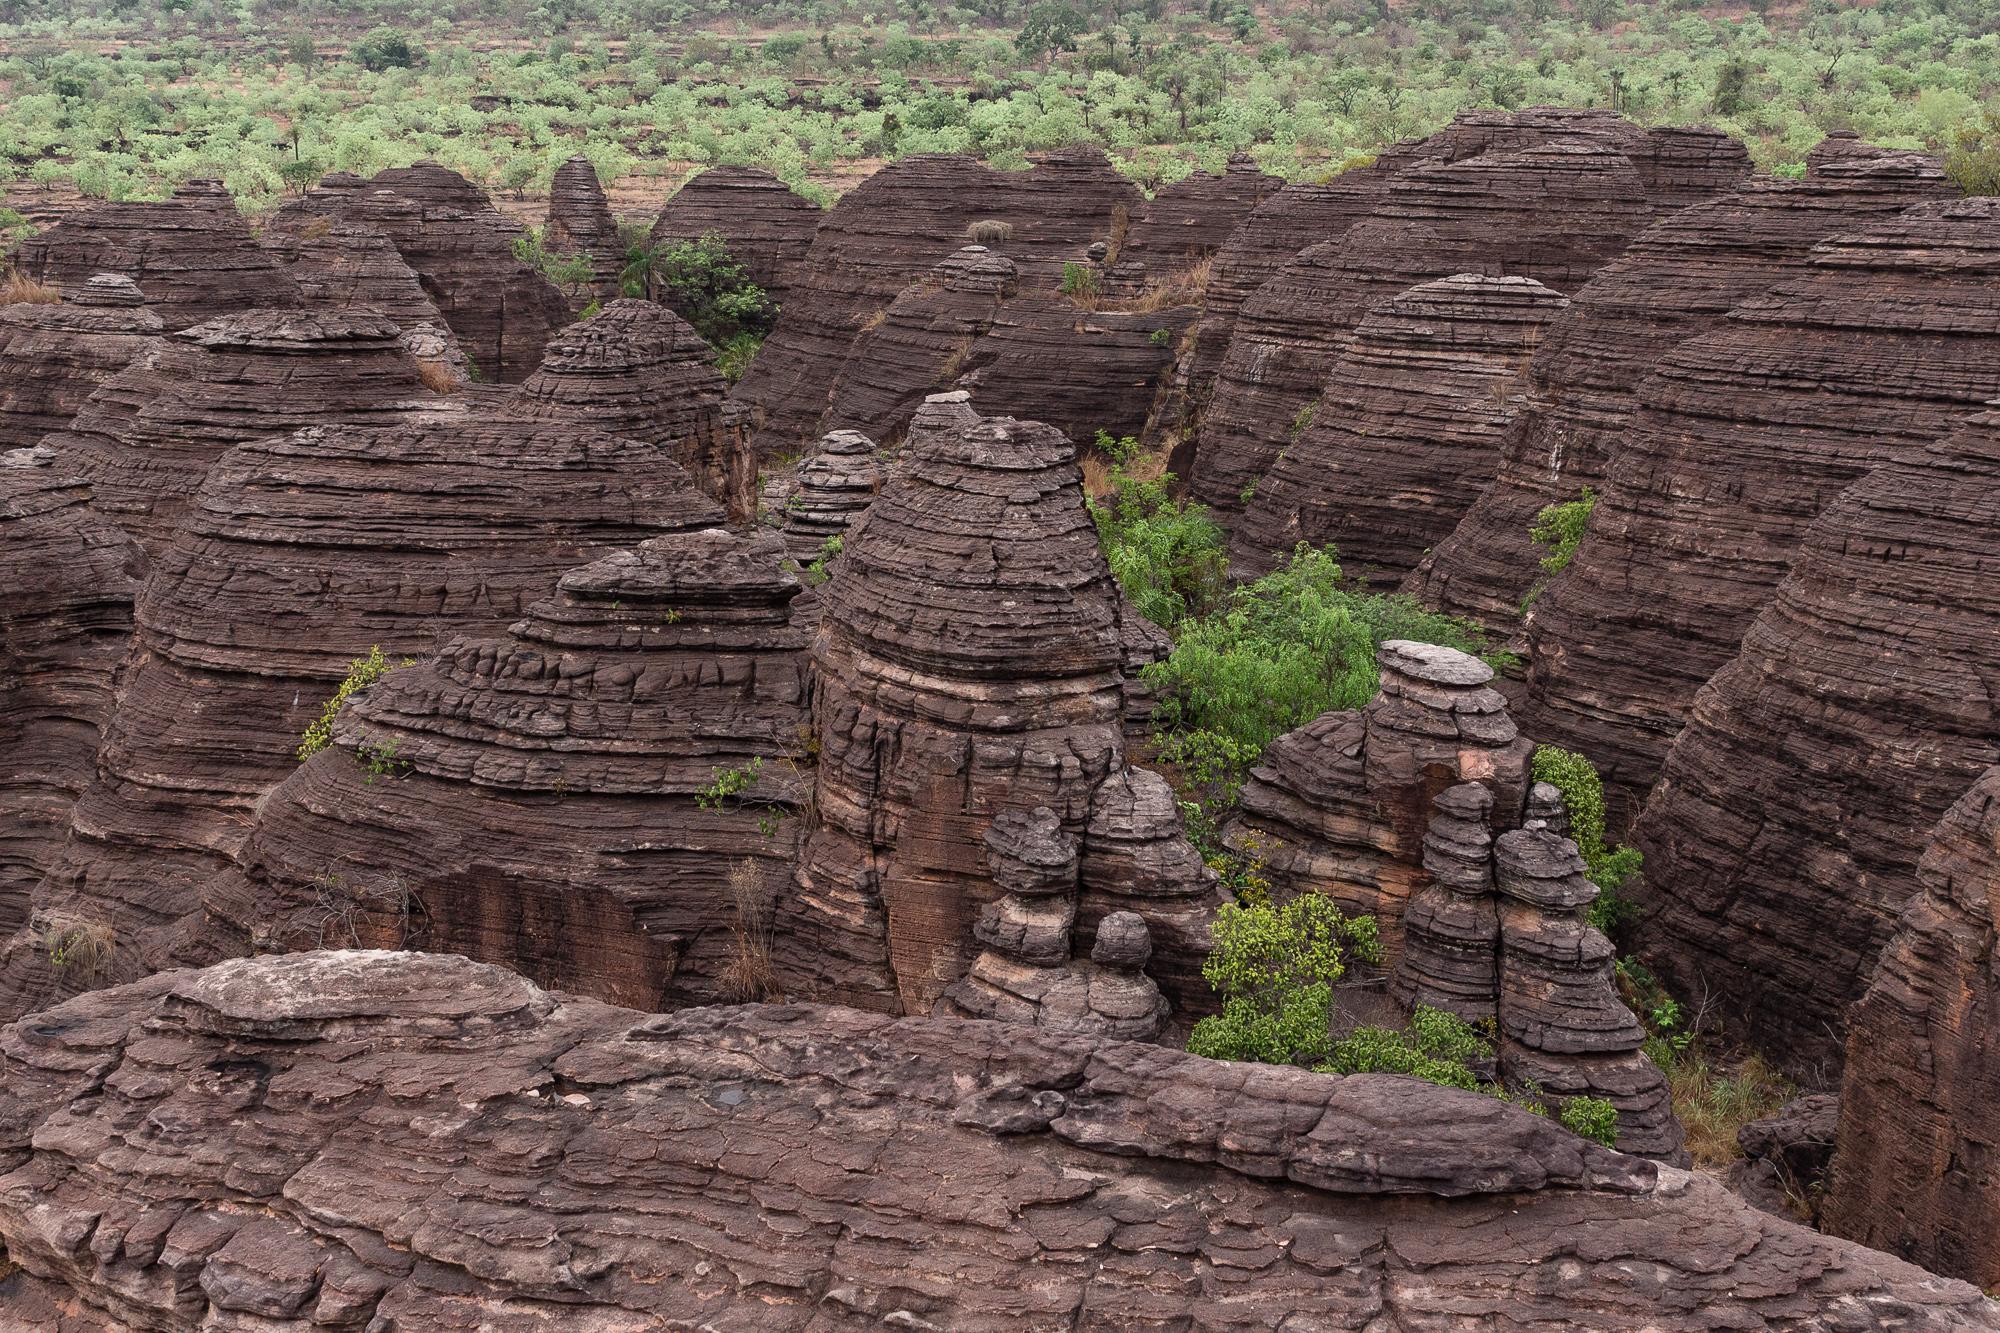 Les dômes de Fabédougou dans la forêt, région de Banfora, Burkina Faso